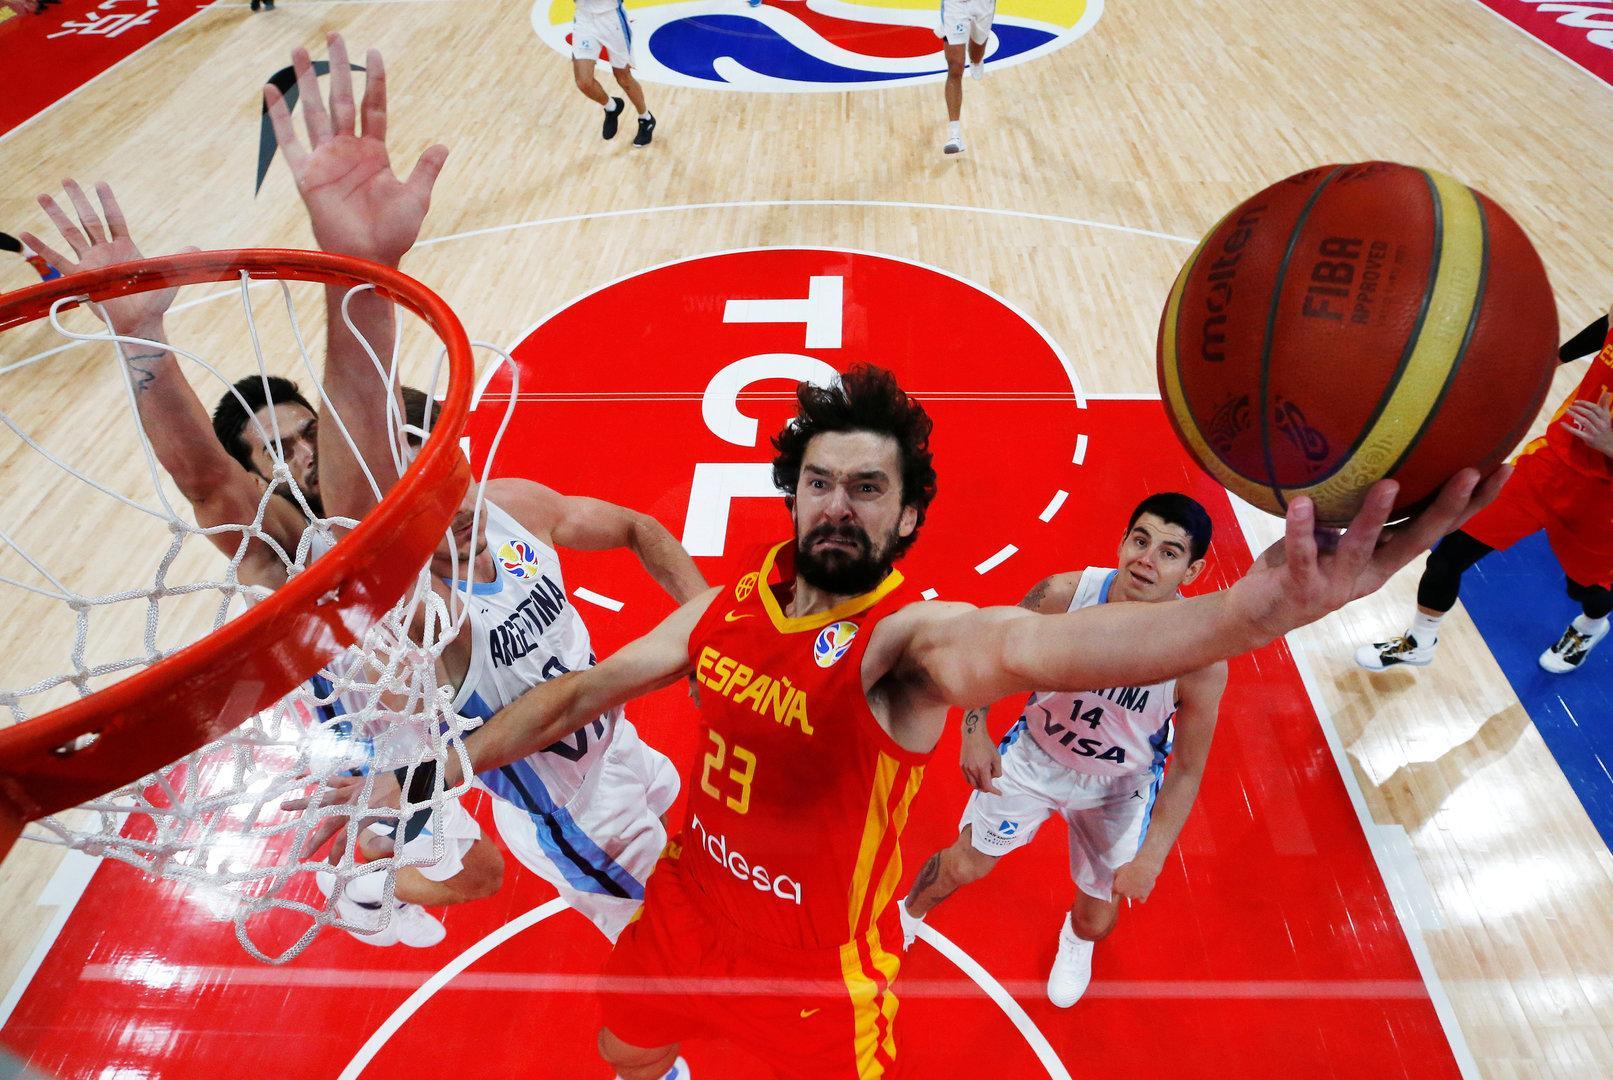 EM-Duell mit Spanien: Die erfolgreichste Sportnation der Welt